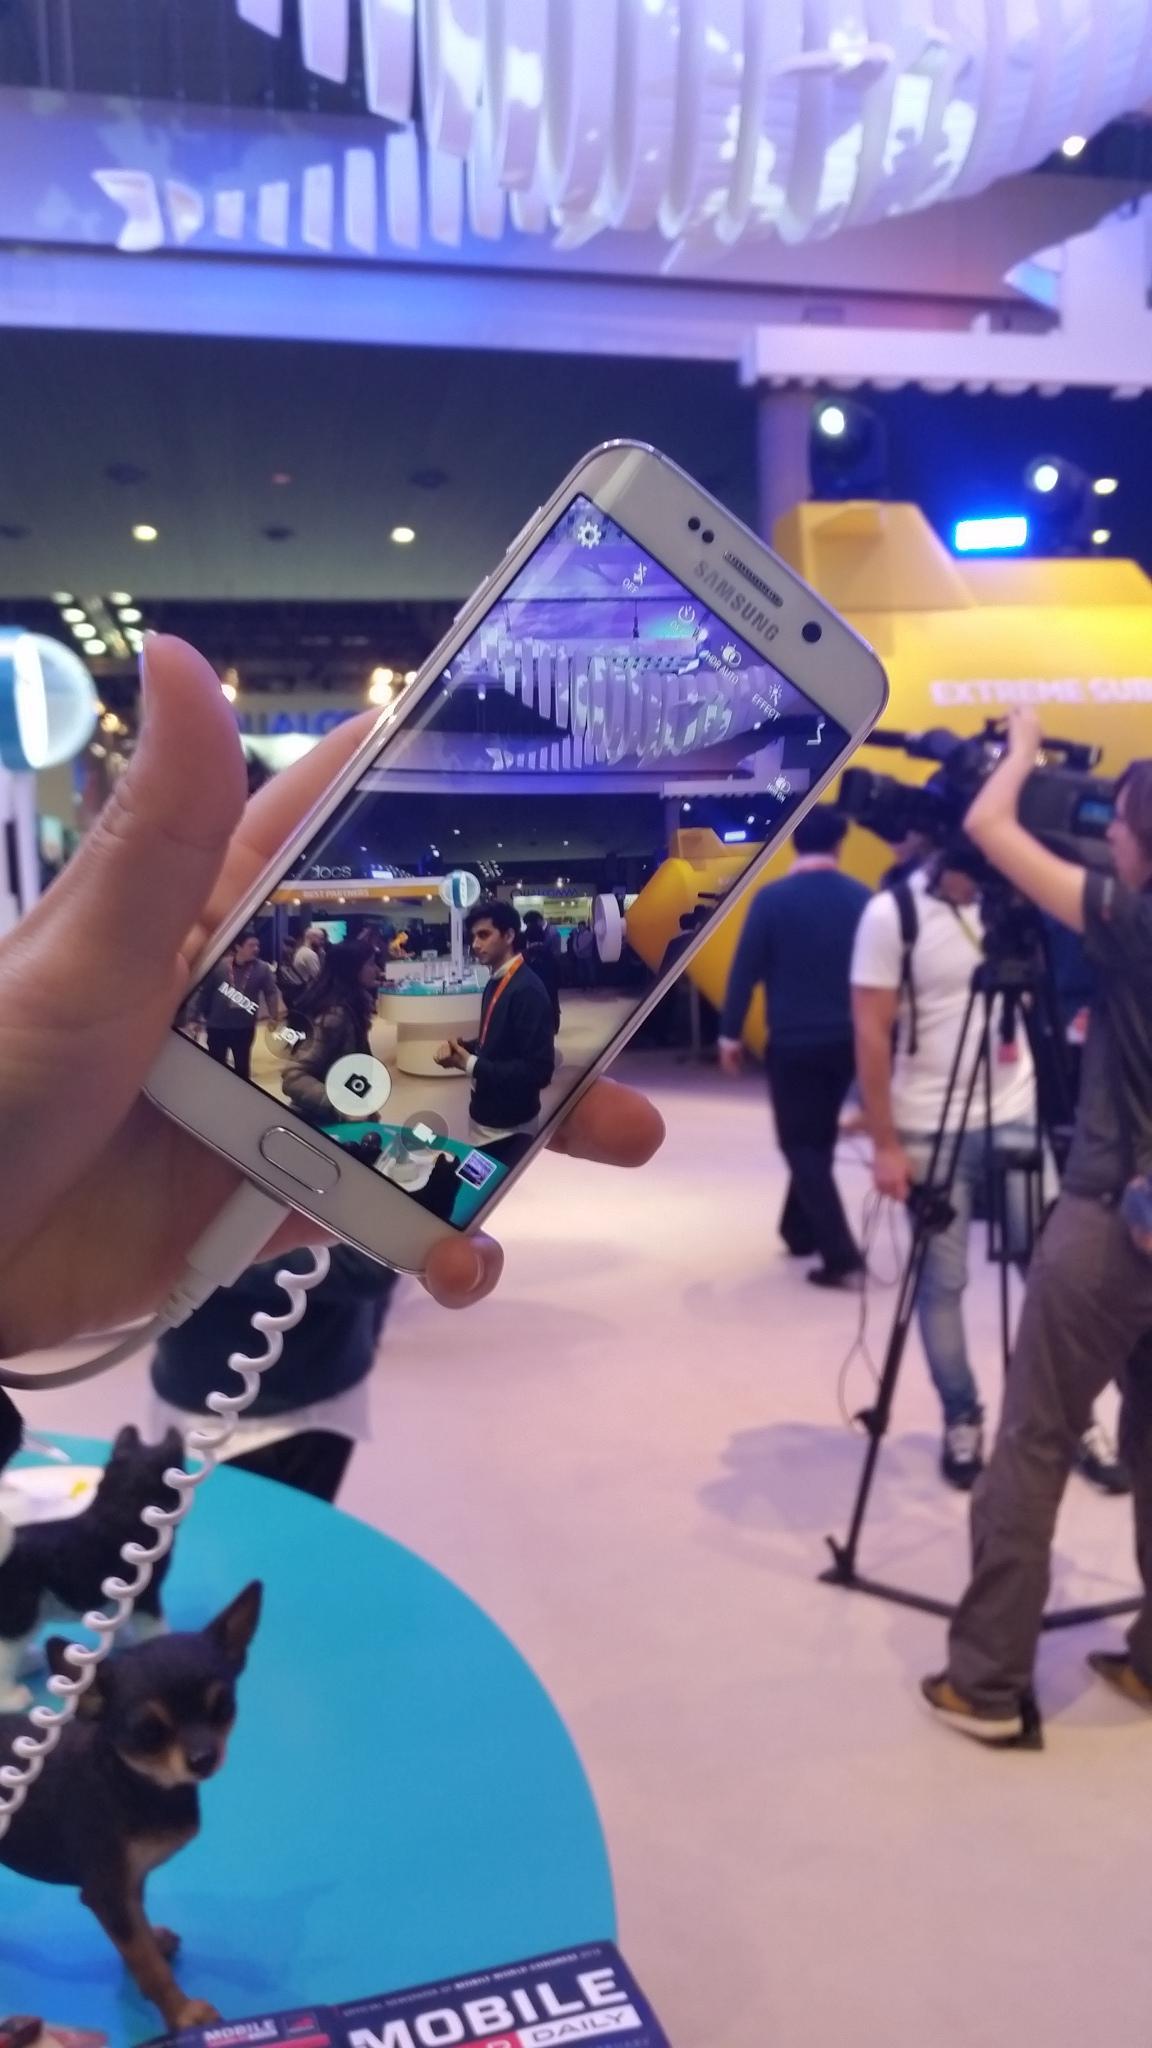 Las_10_novedades_imprescindibles_del_Mobile_World_Congress_2016_Samsung_Galaxy_S7.jpg